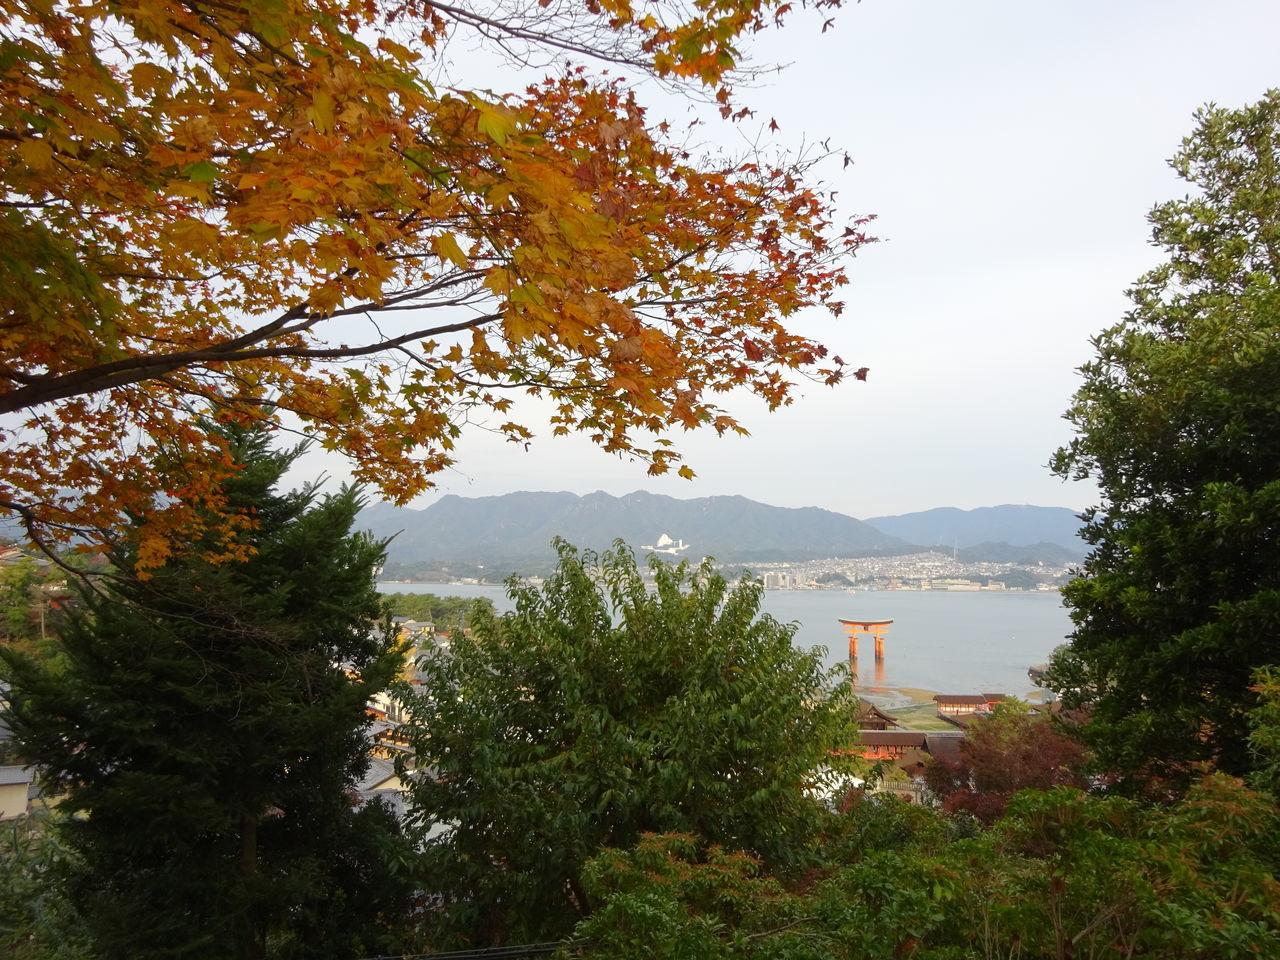 Day Landscape Nature Scenics Tree